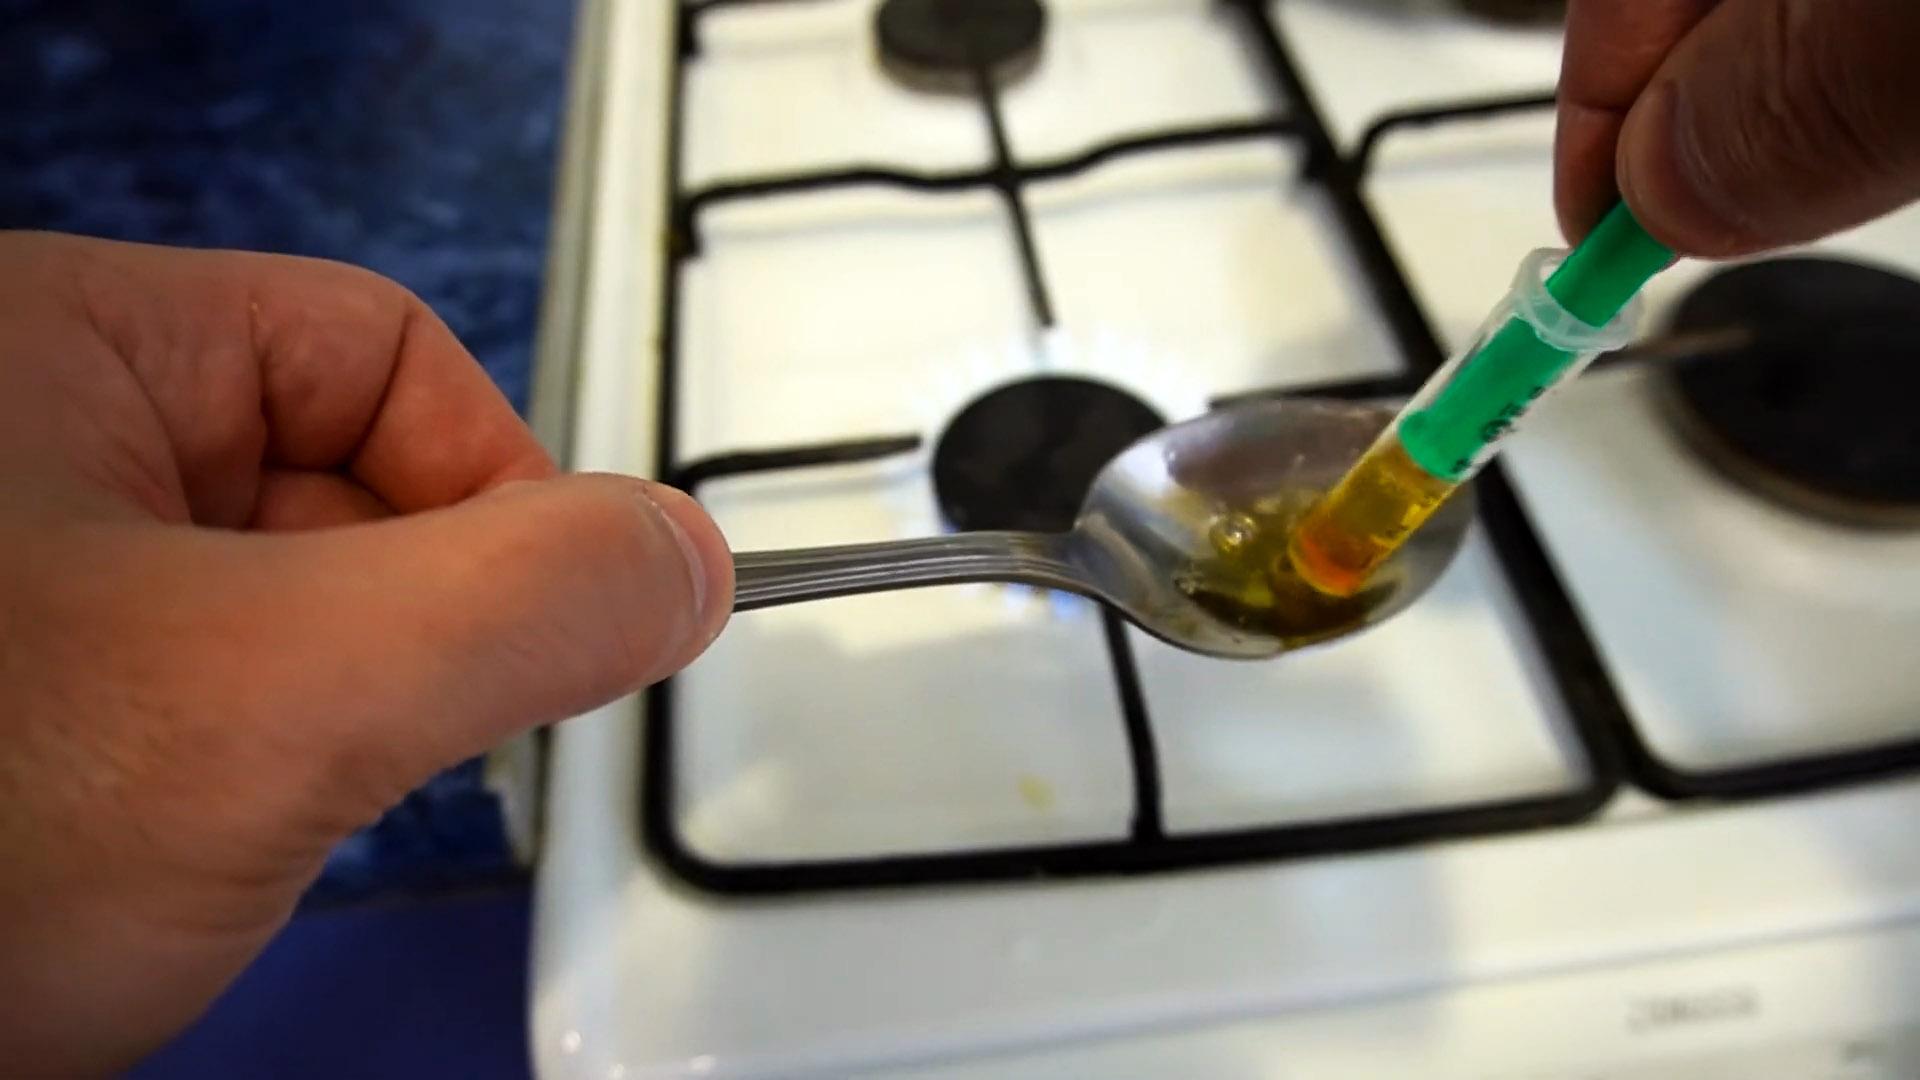 Как приготовить активный флюс для пайки из доступных домашних ингредиентов